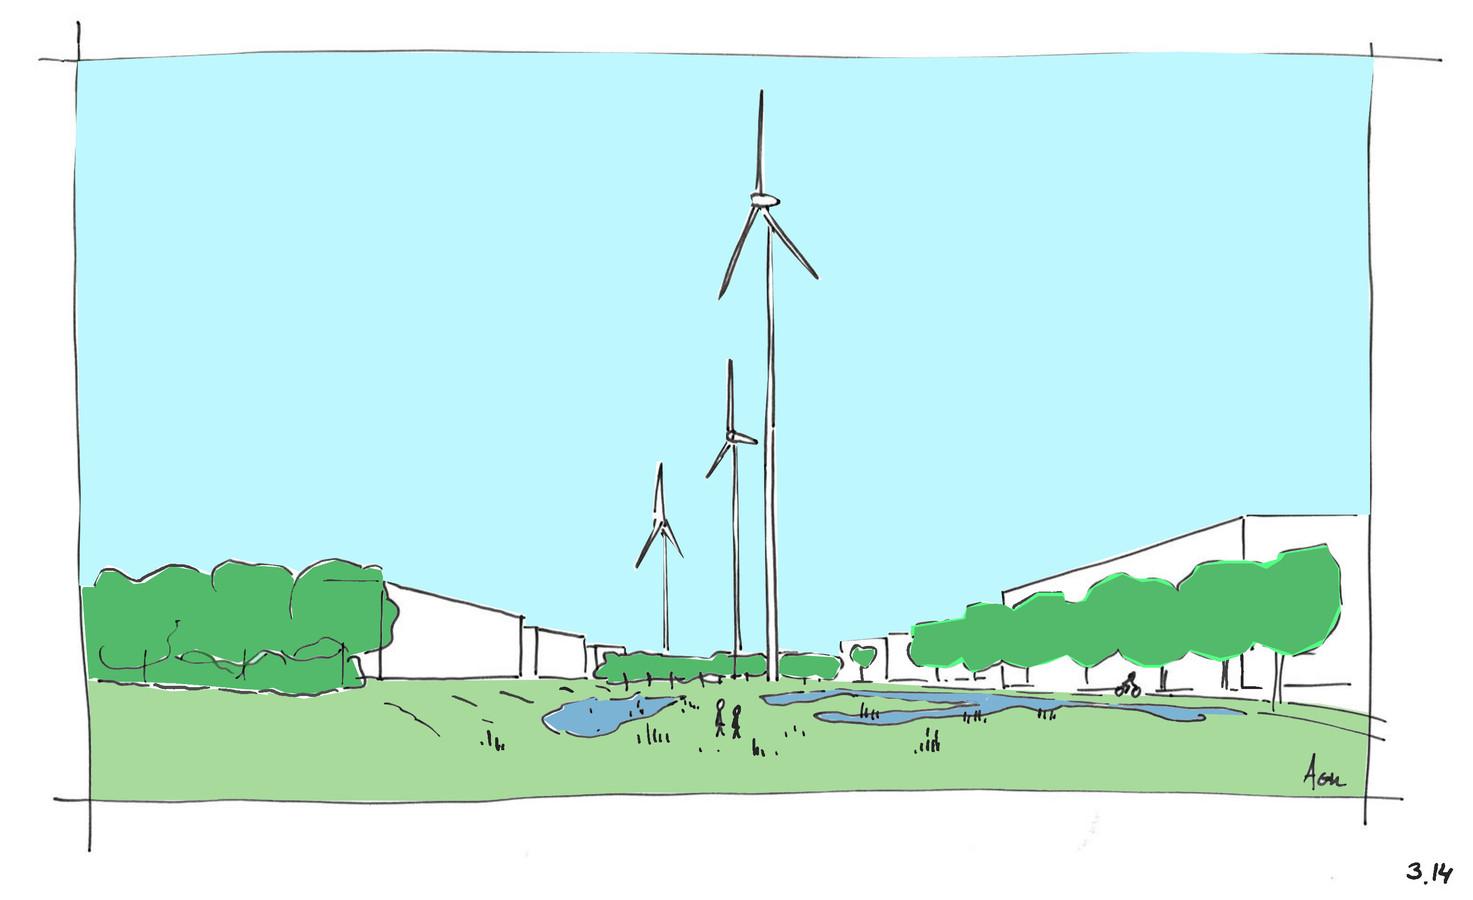 Een getekende impressie van het bedrijventerrein, mét windmolens.